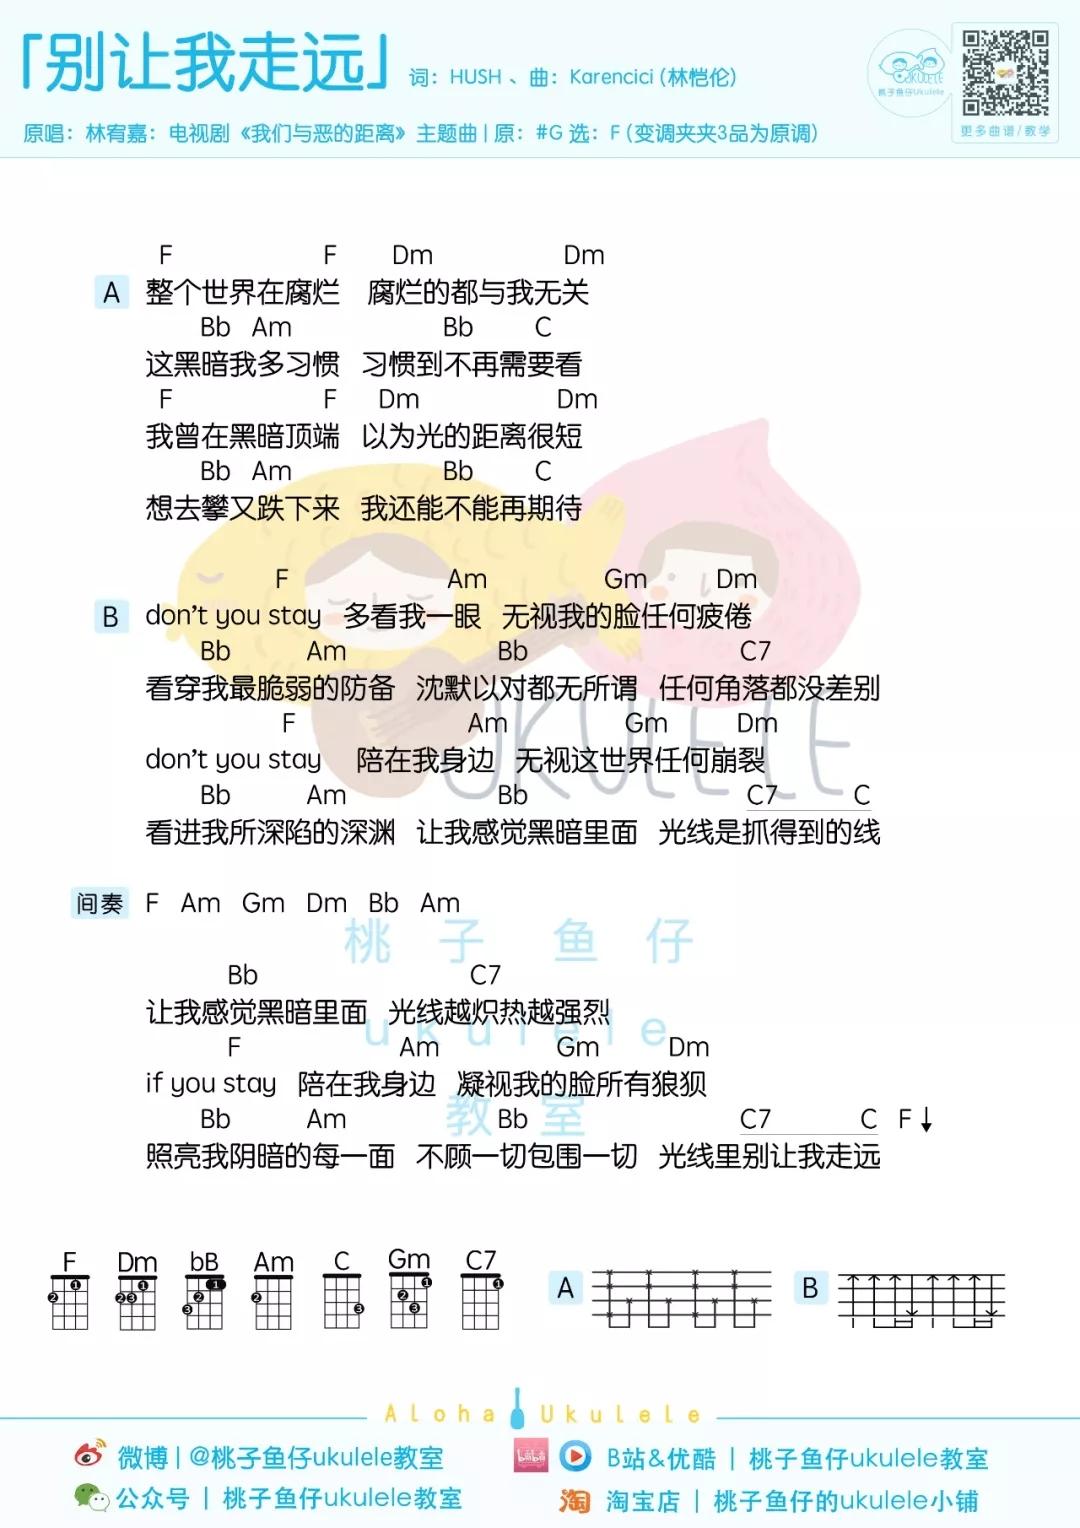 「别让我走远 」弹唱谱(林宥嘉)-C大调音乐网